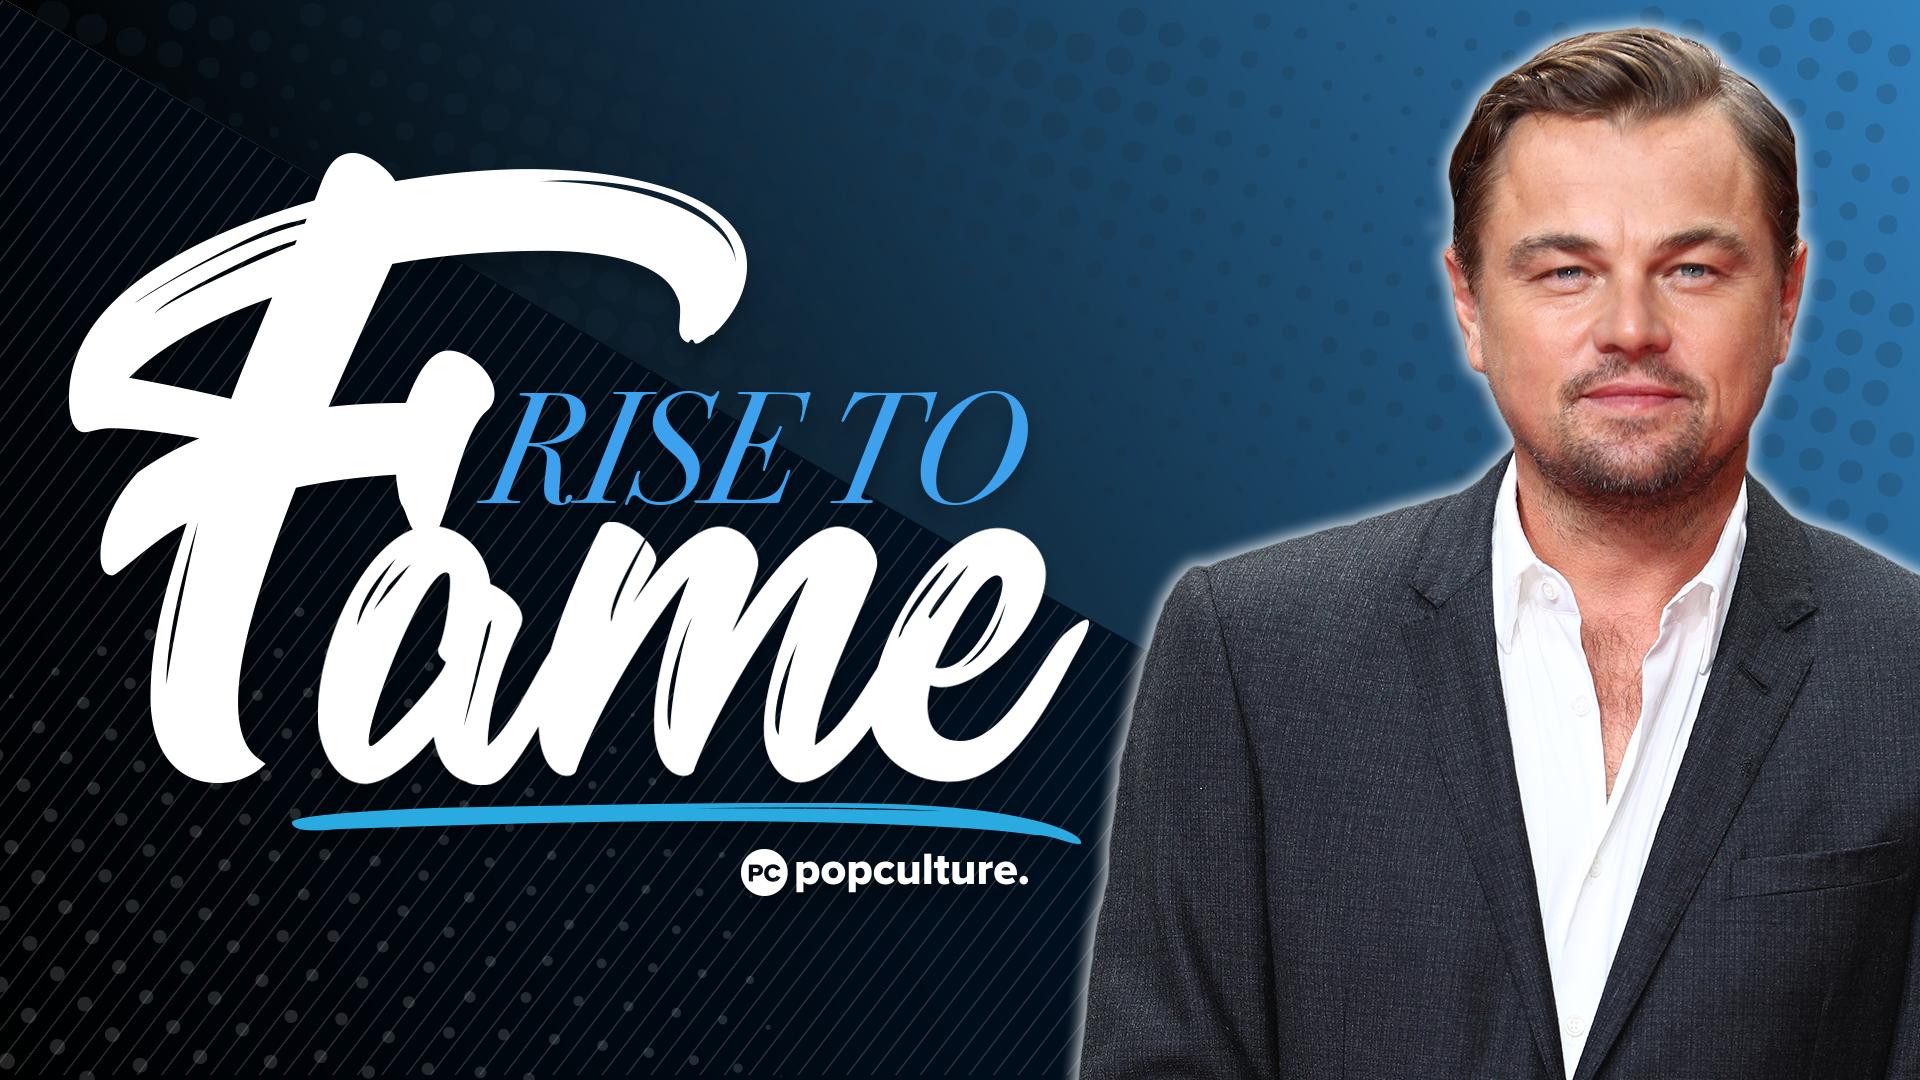 Leonardo DiCaprio's Rise to Fame screen capture